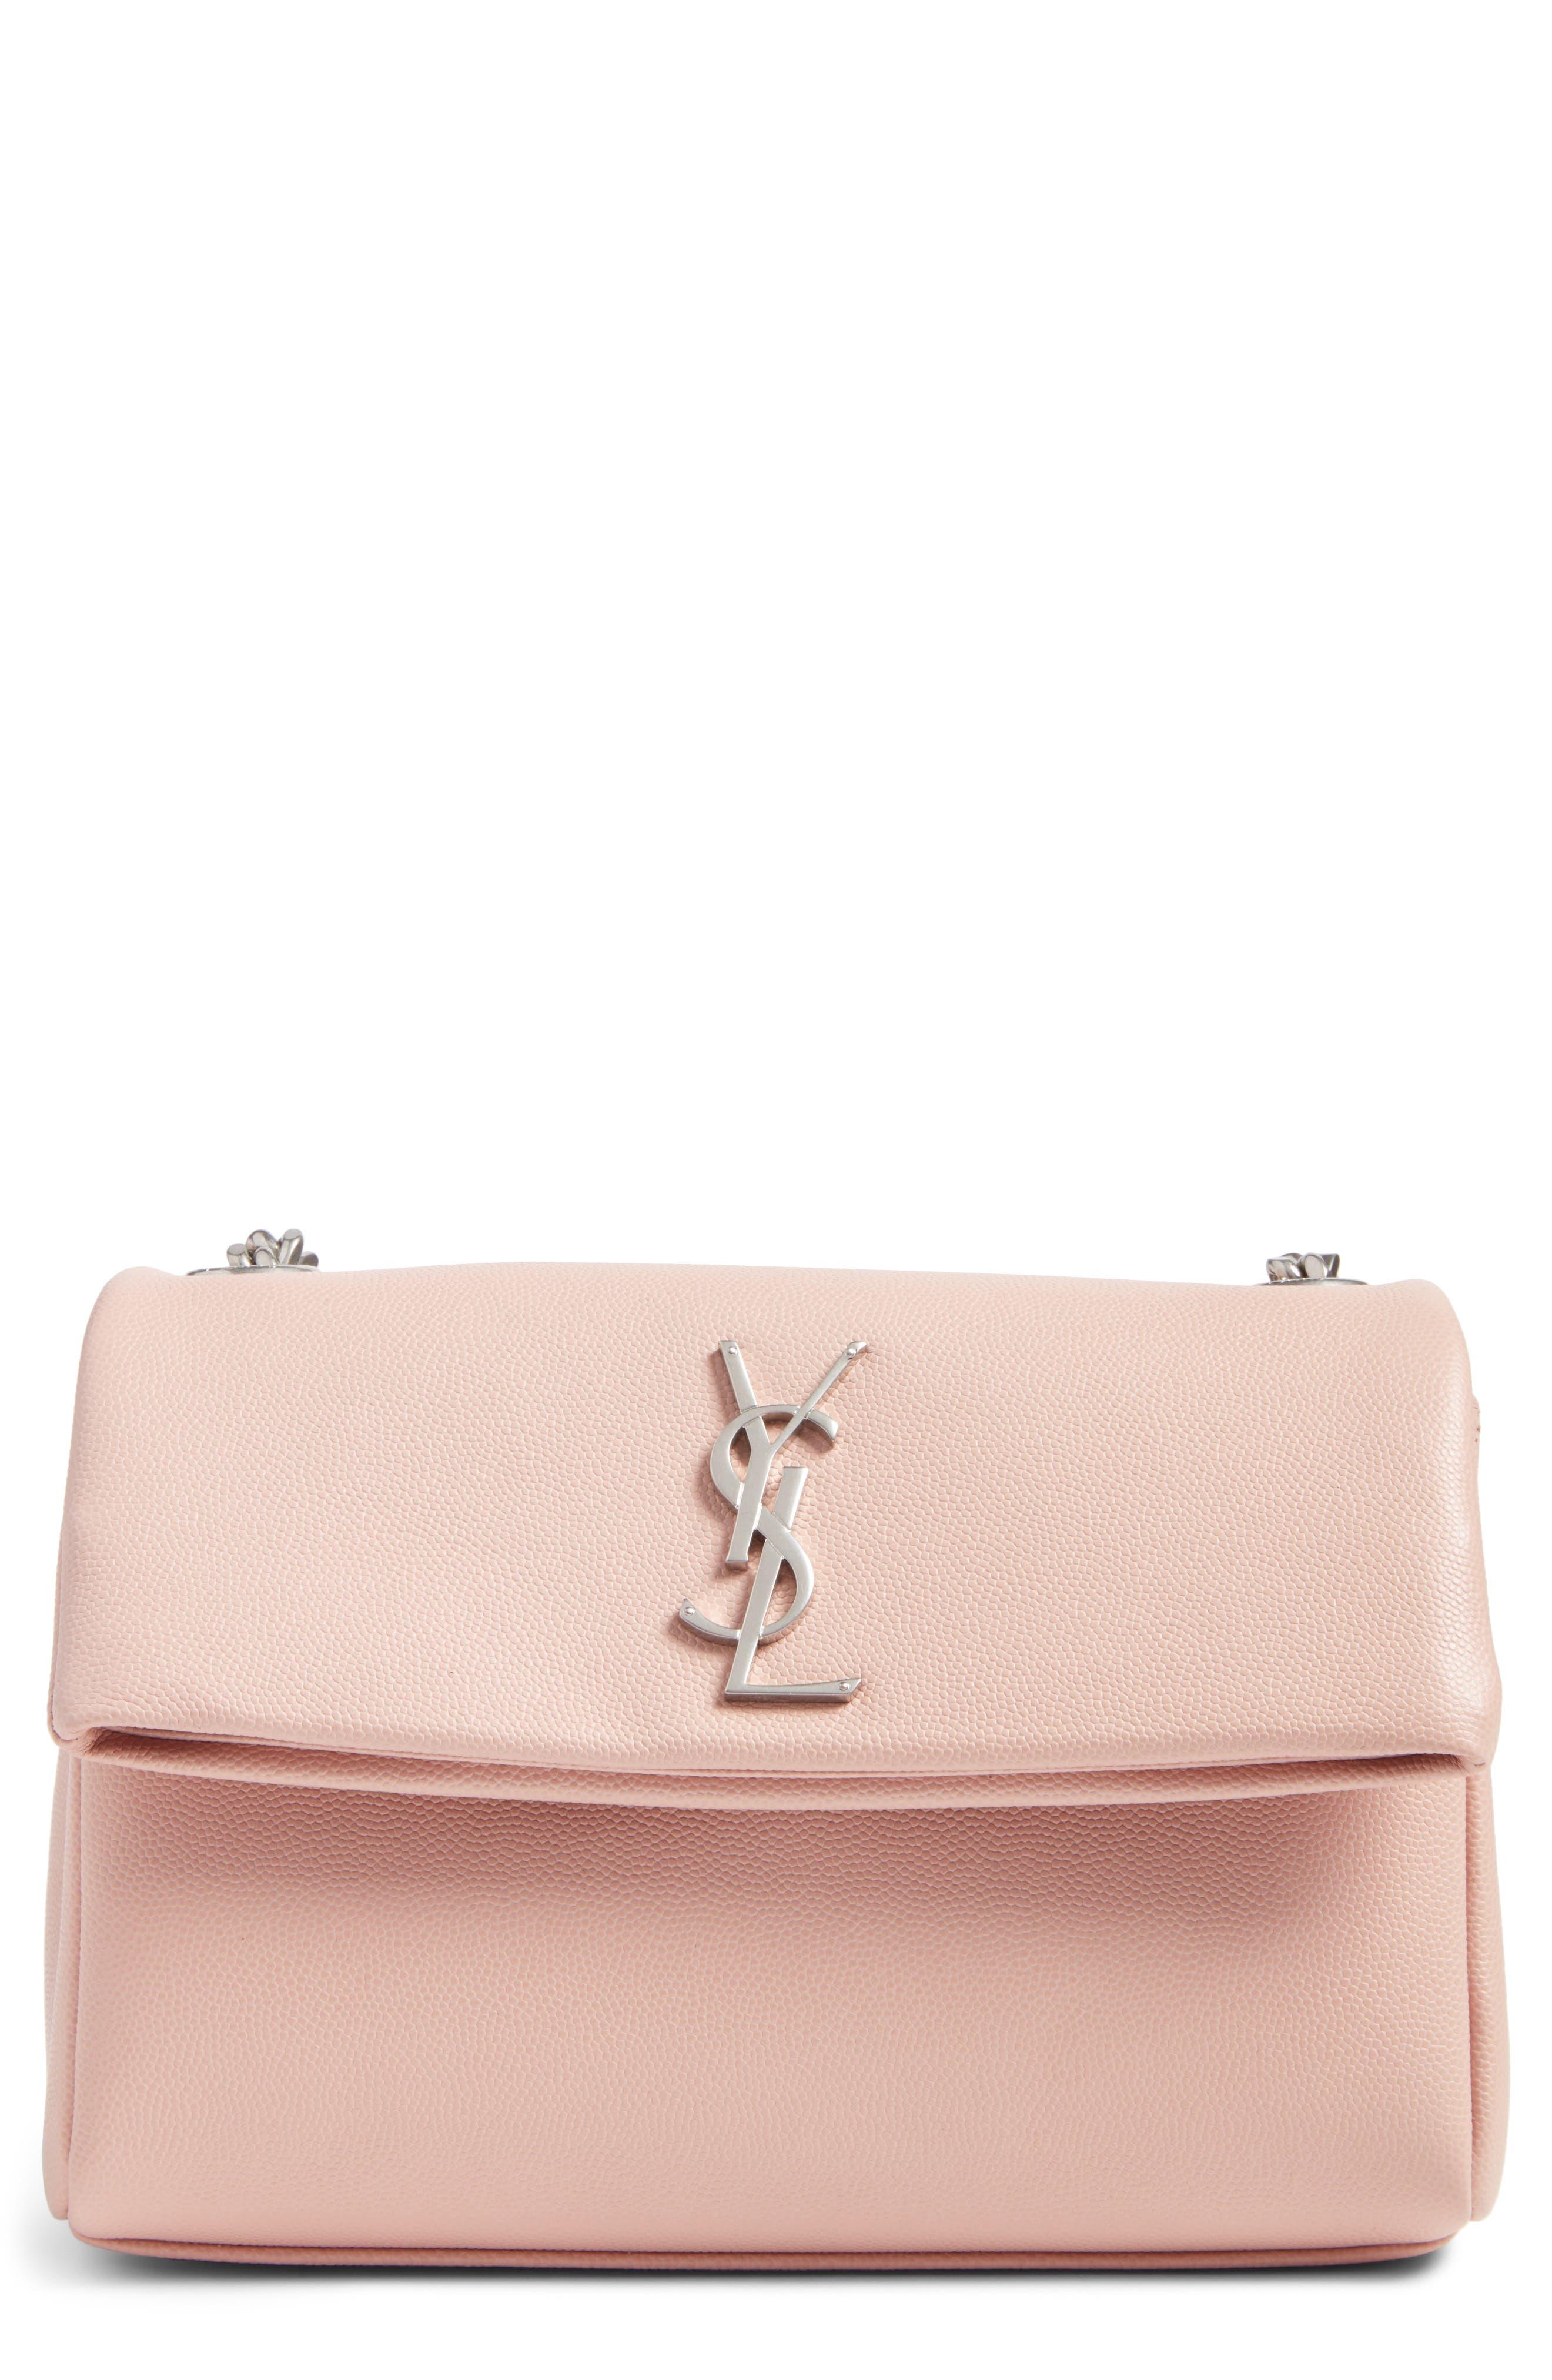 Saint Laurent West Hollywood Calfskin Leather Messenger Bag